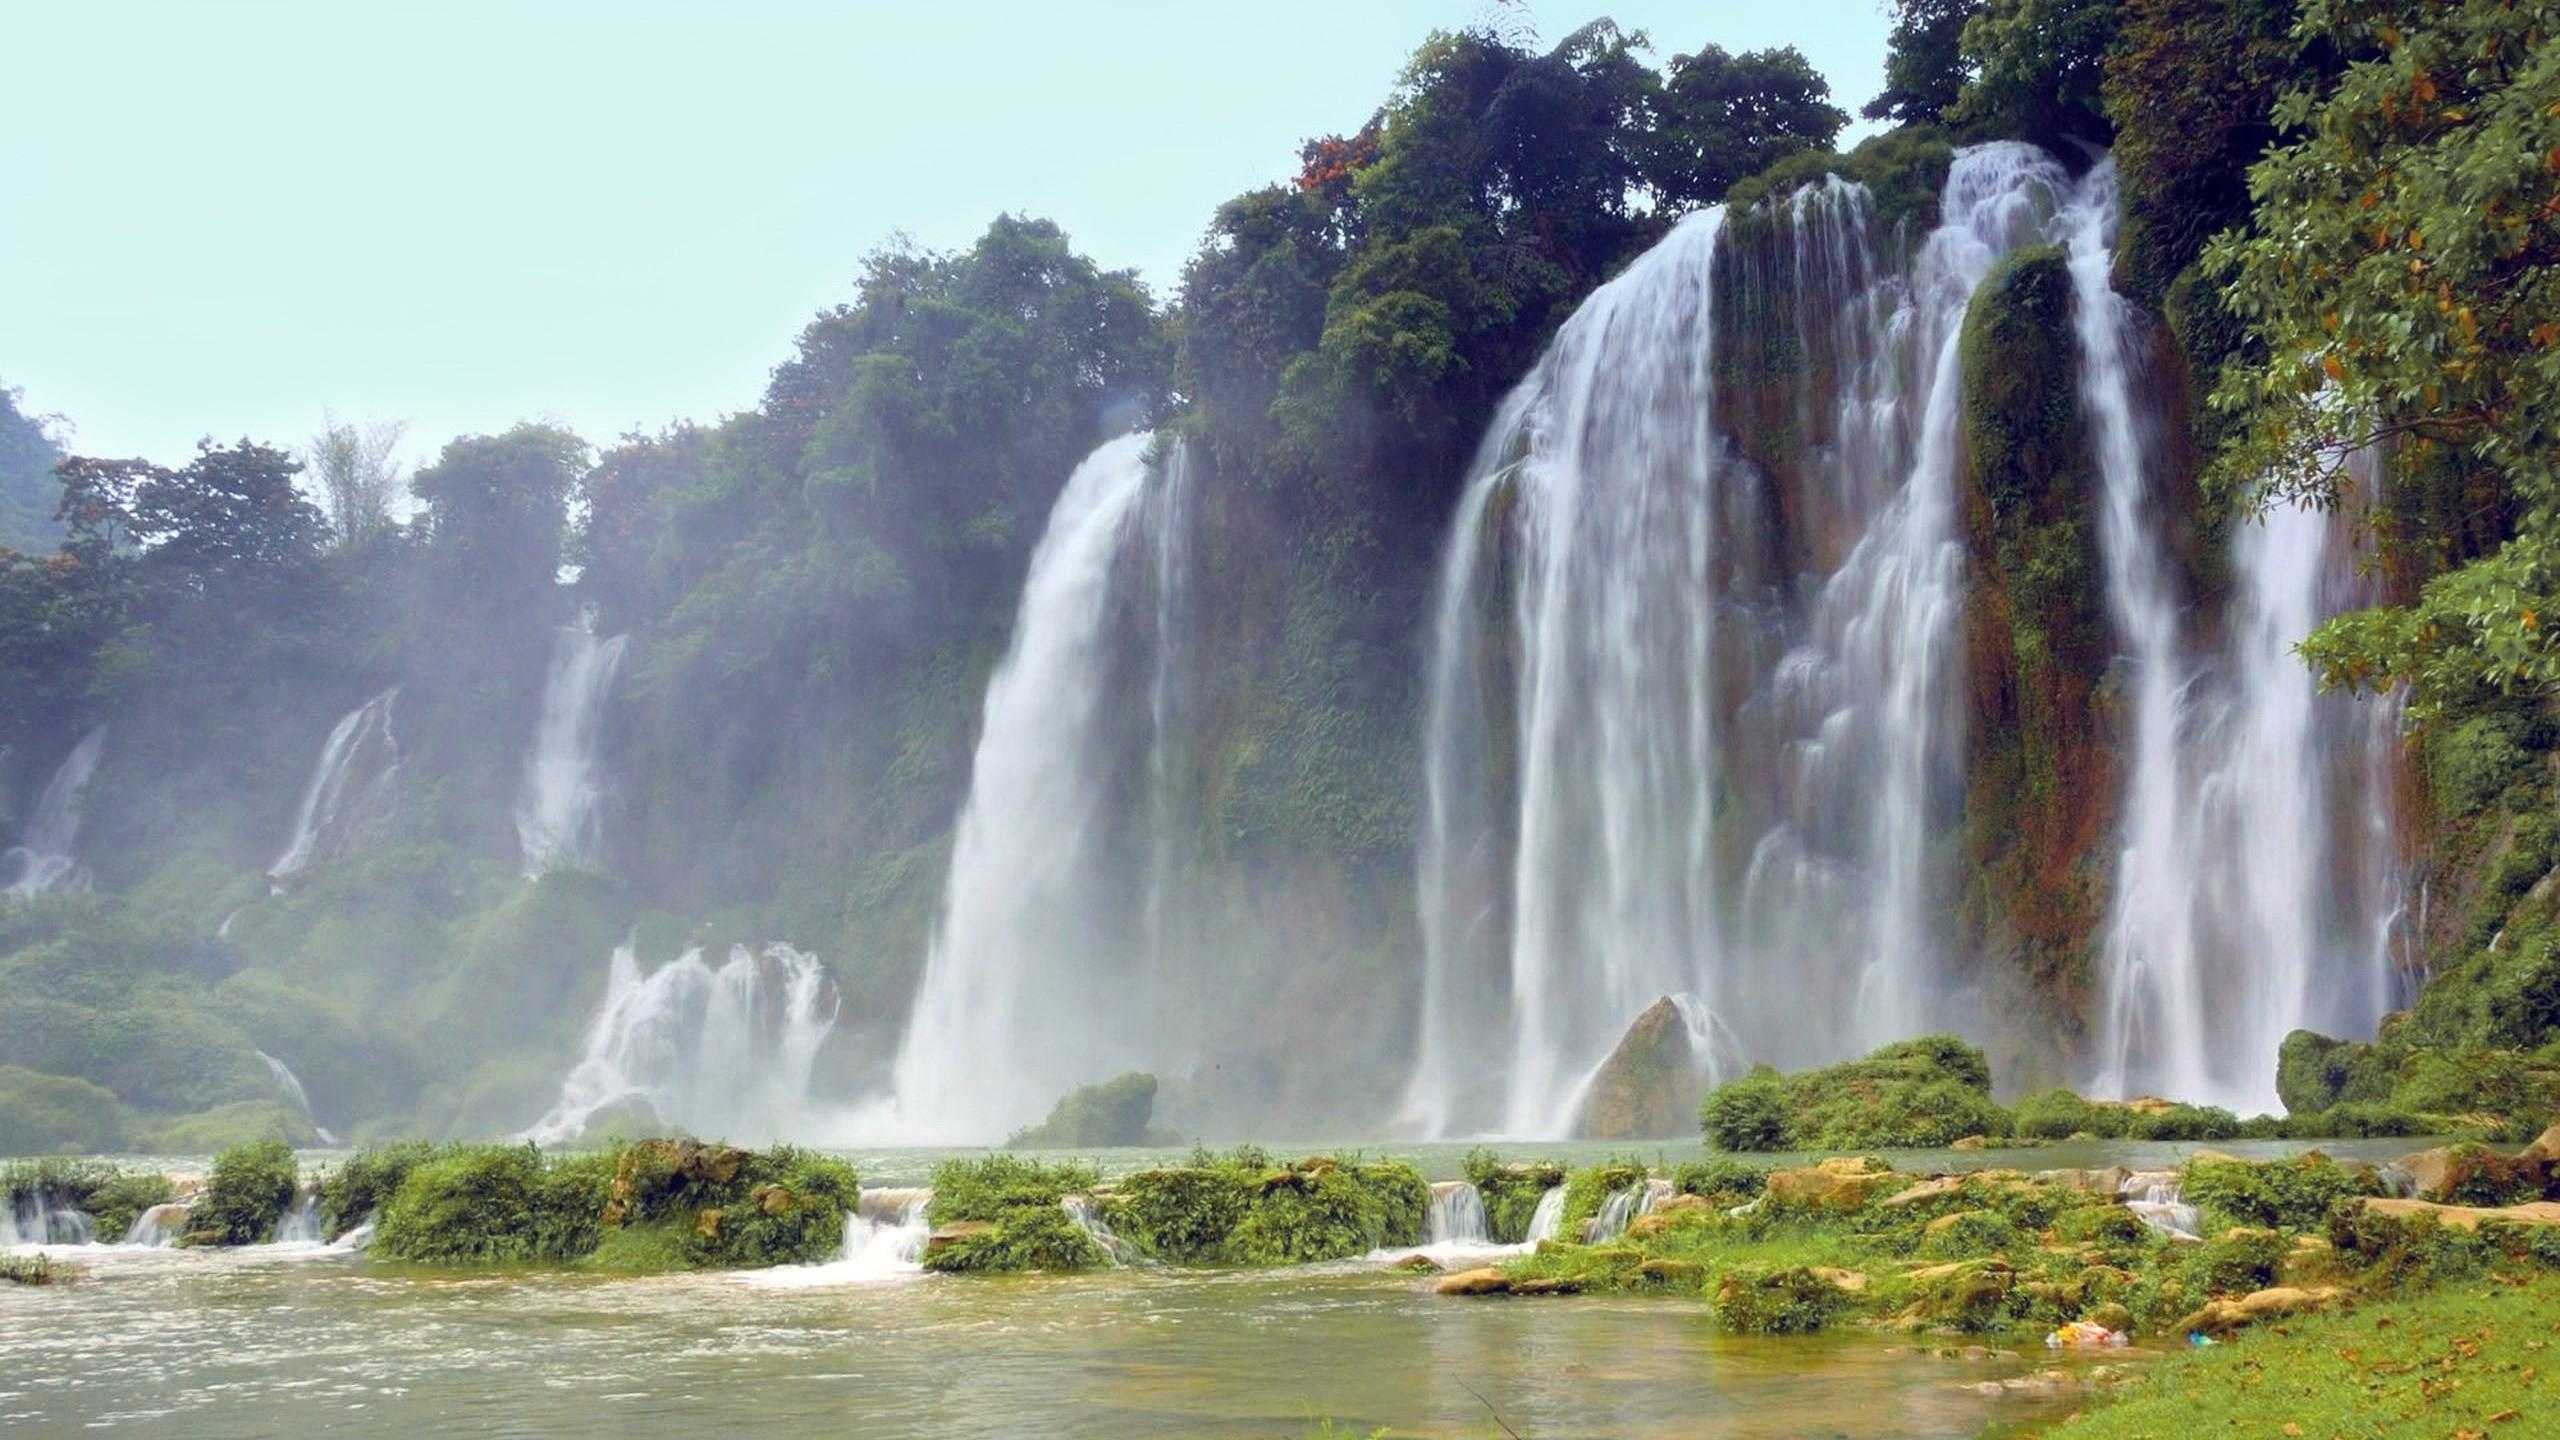 Res: 2560x1440, wallpaper nature beauty desktop hd images